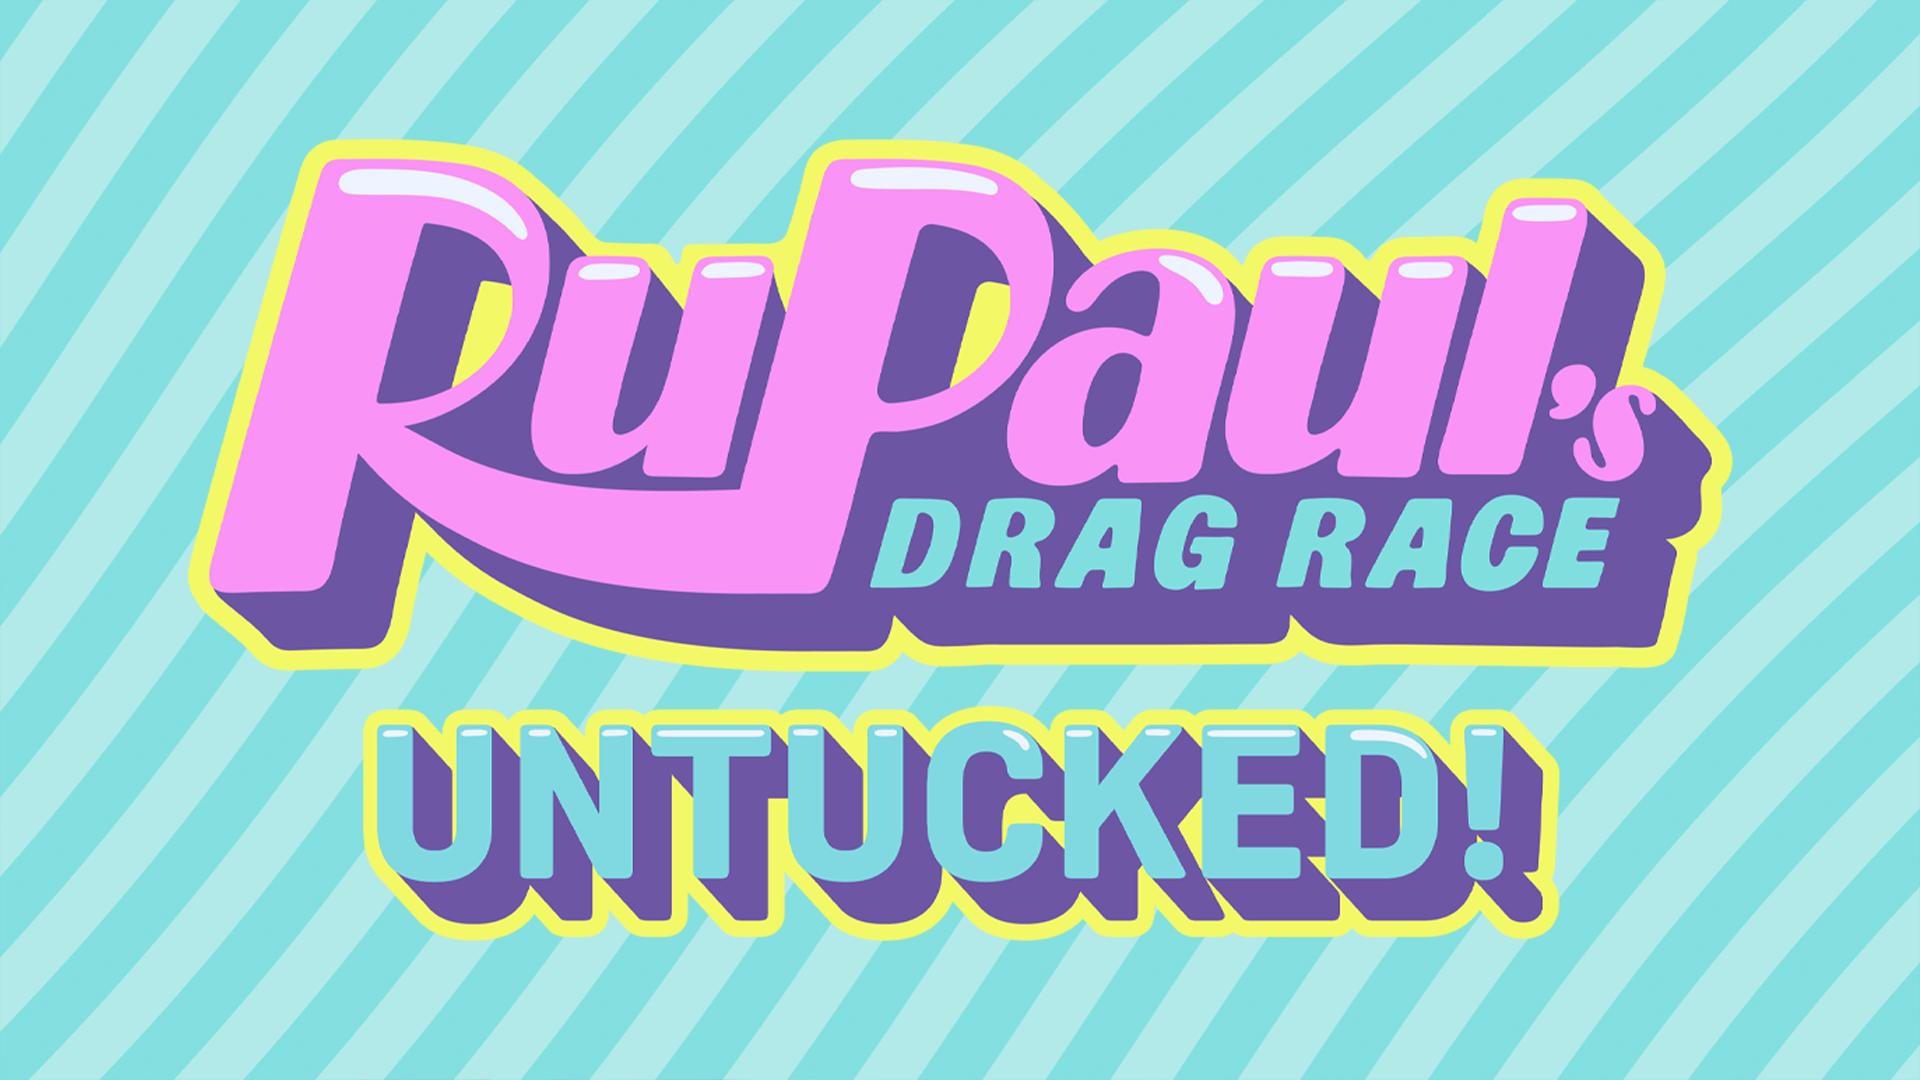 Rupaul S Drag Race Untucked Outtvgo